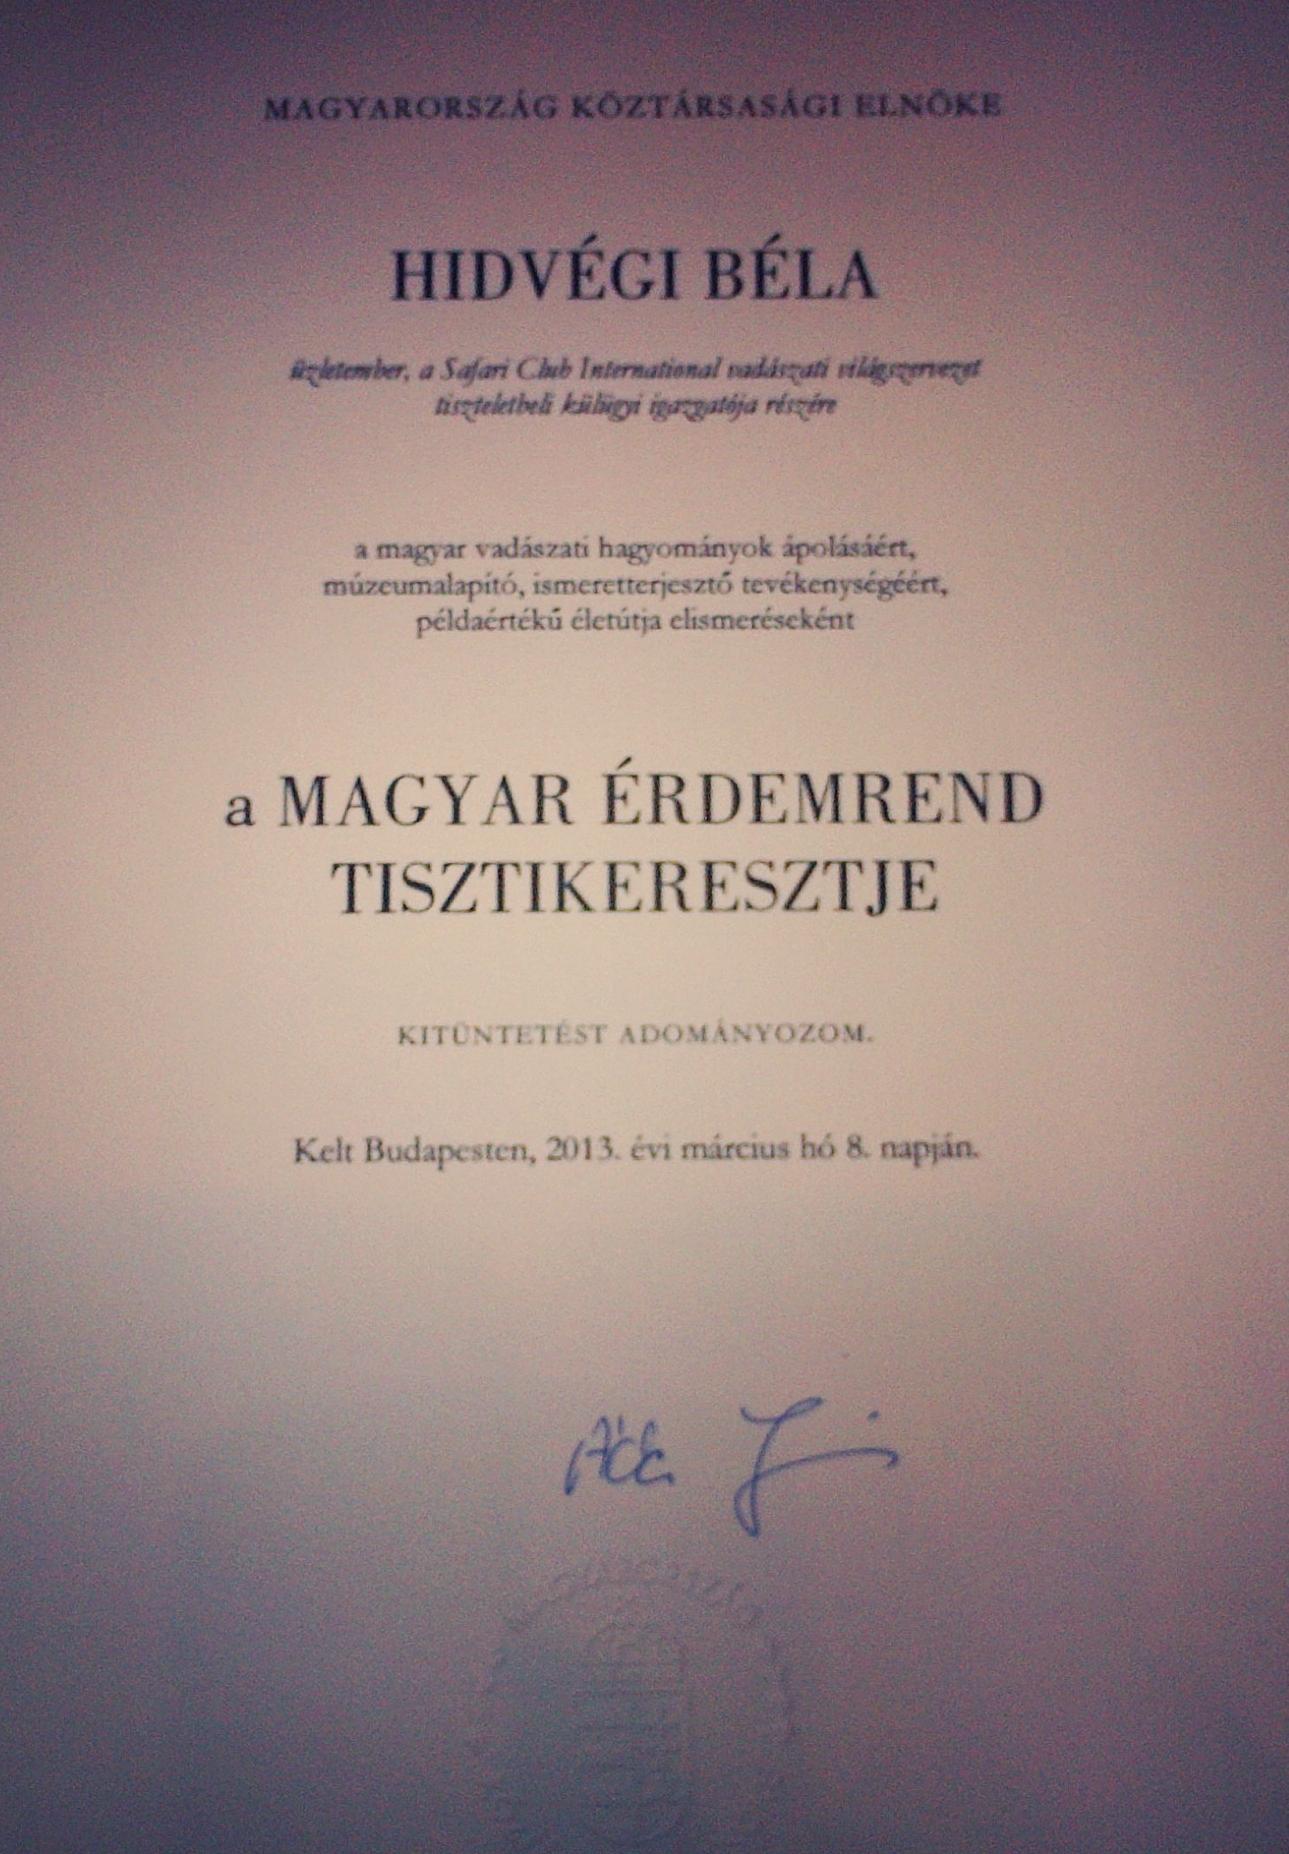 A Magyar Érdemrend Tisztikeresztje kitüntetését vehette át Hidvégi Béla